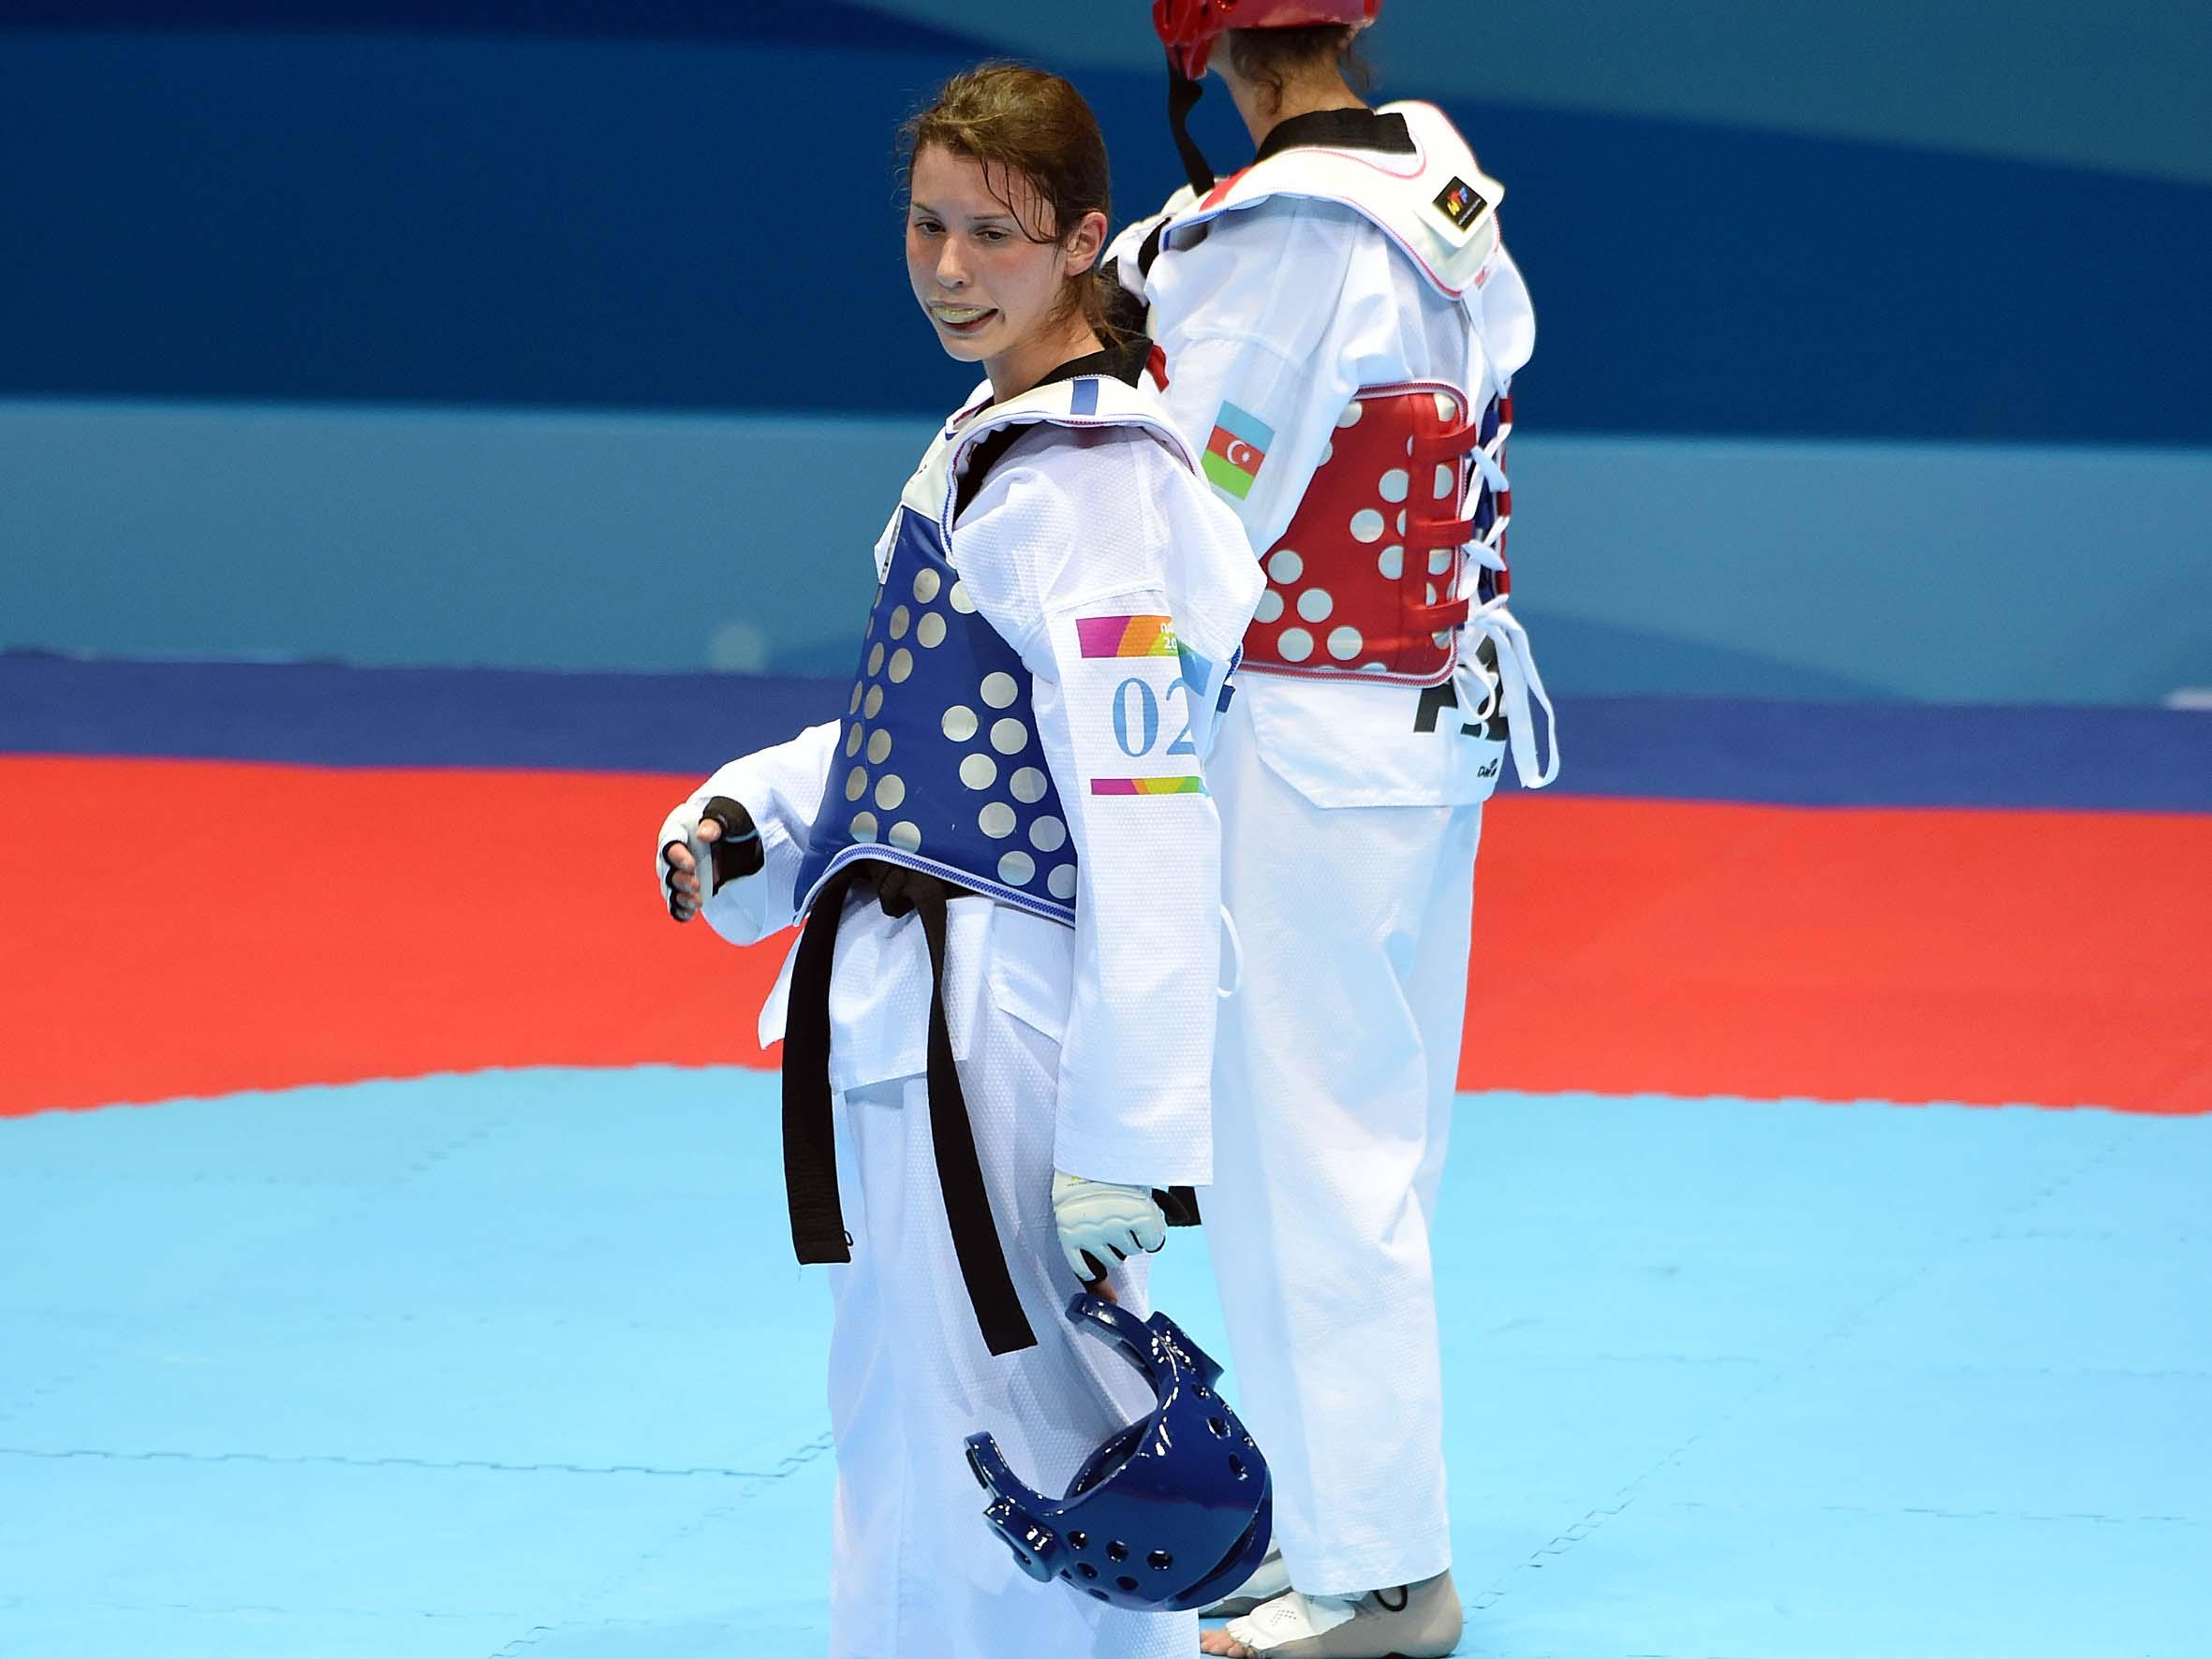 Taekwondo-55 Kg Donne 13